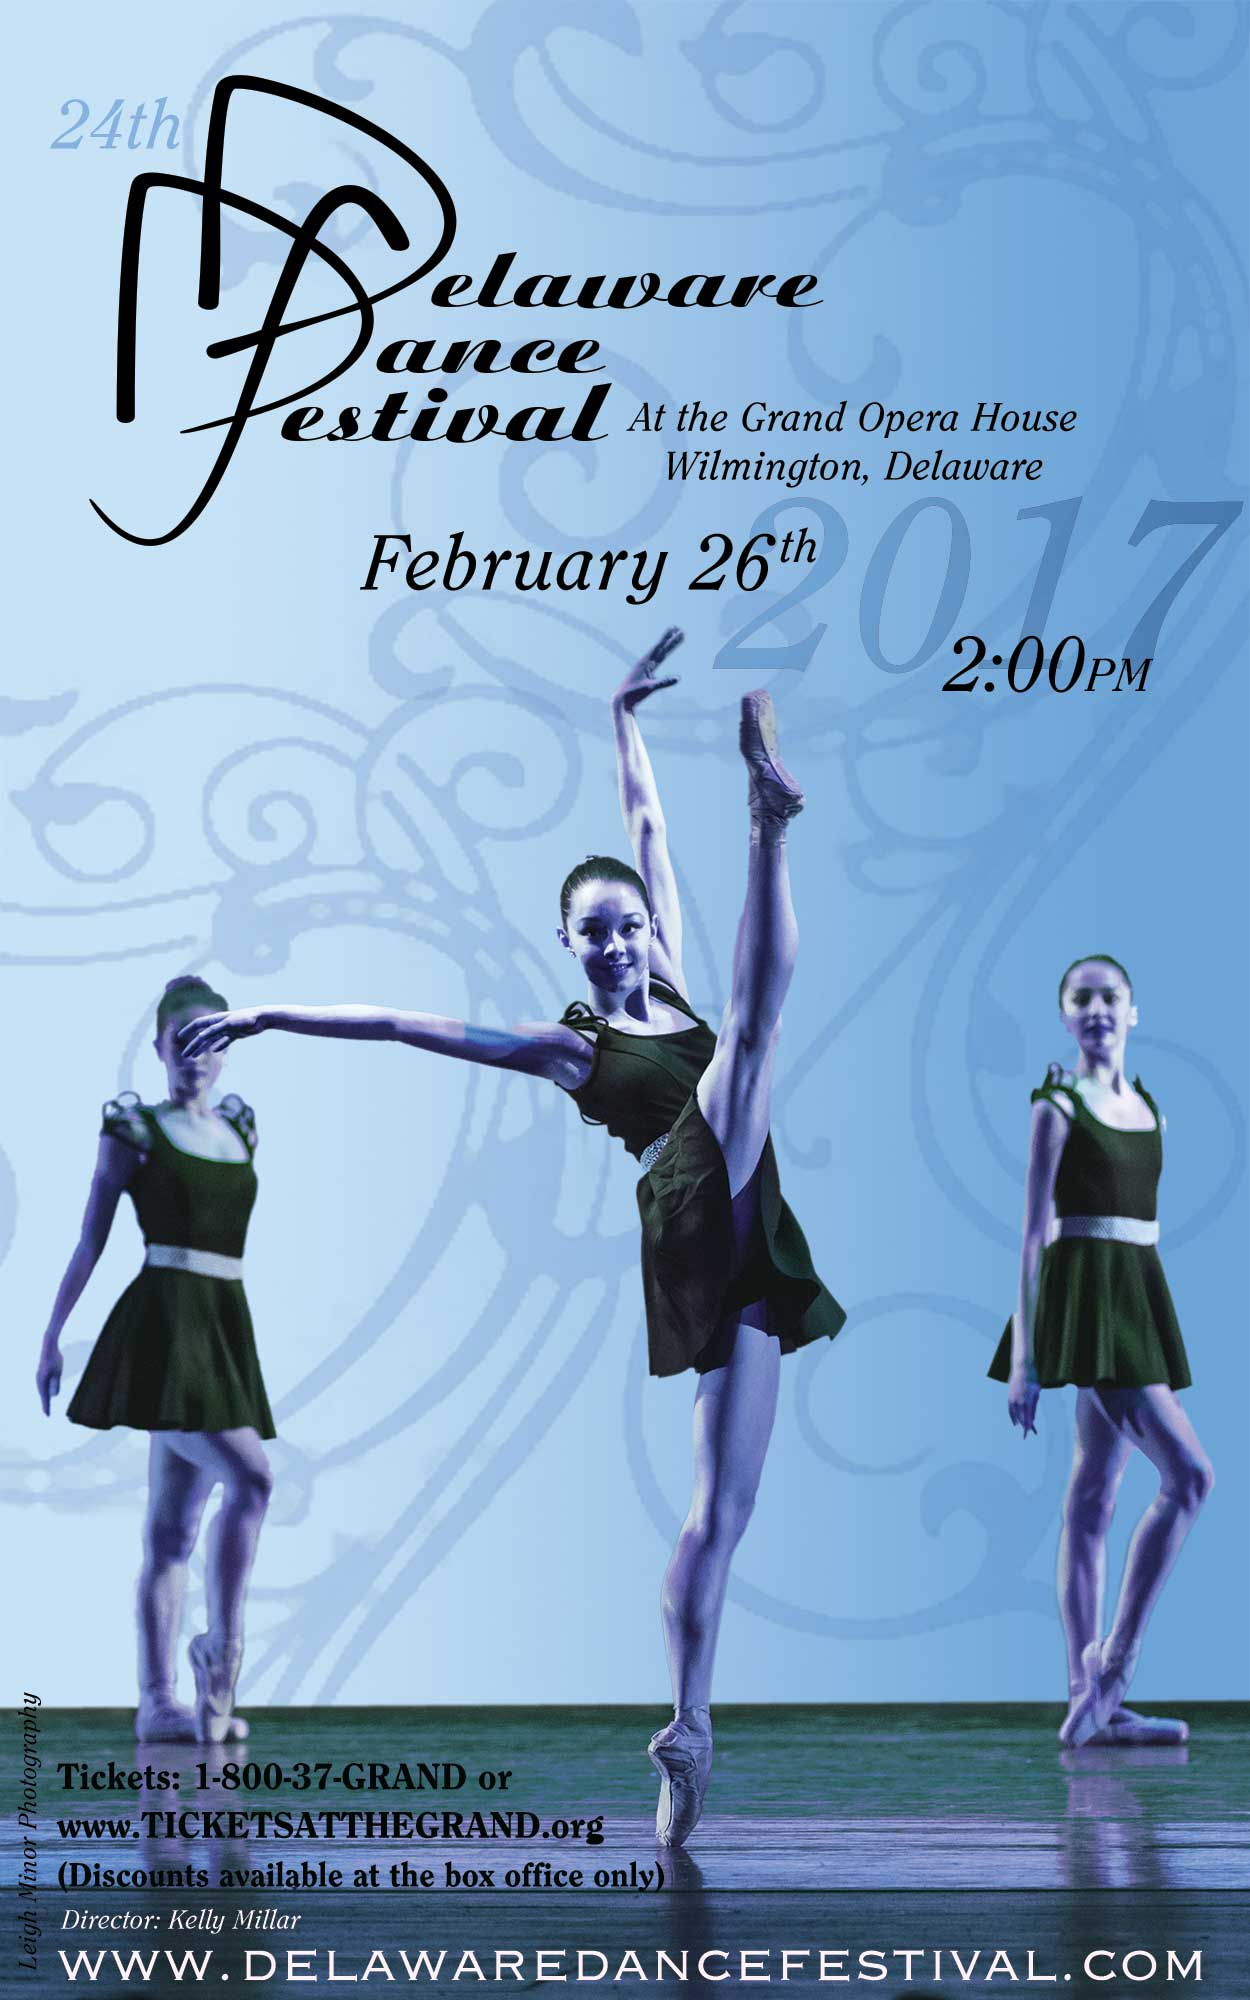 Delaware Dance Festival